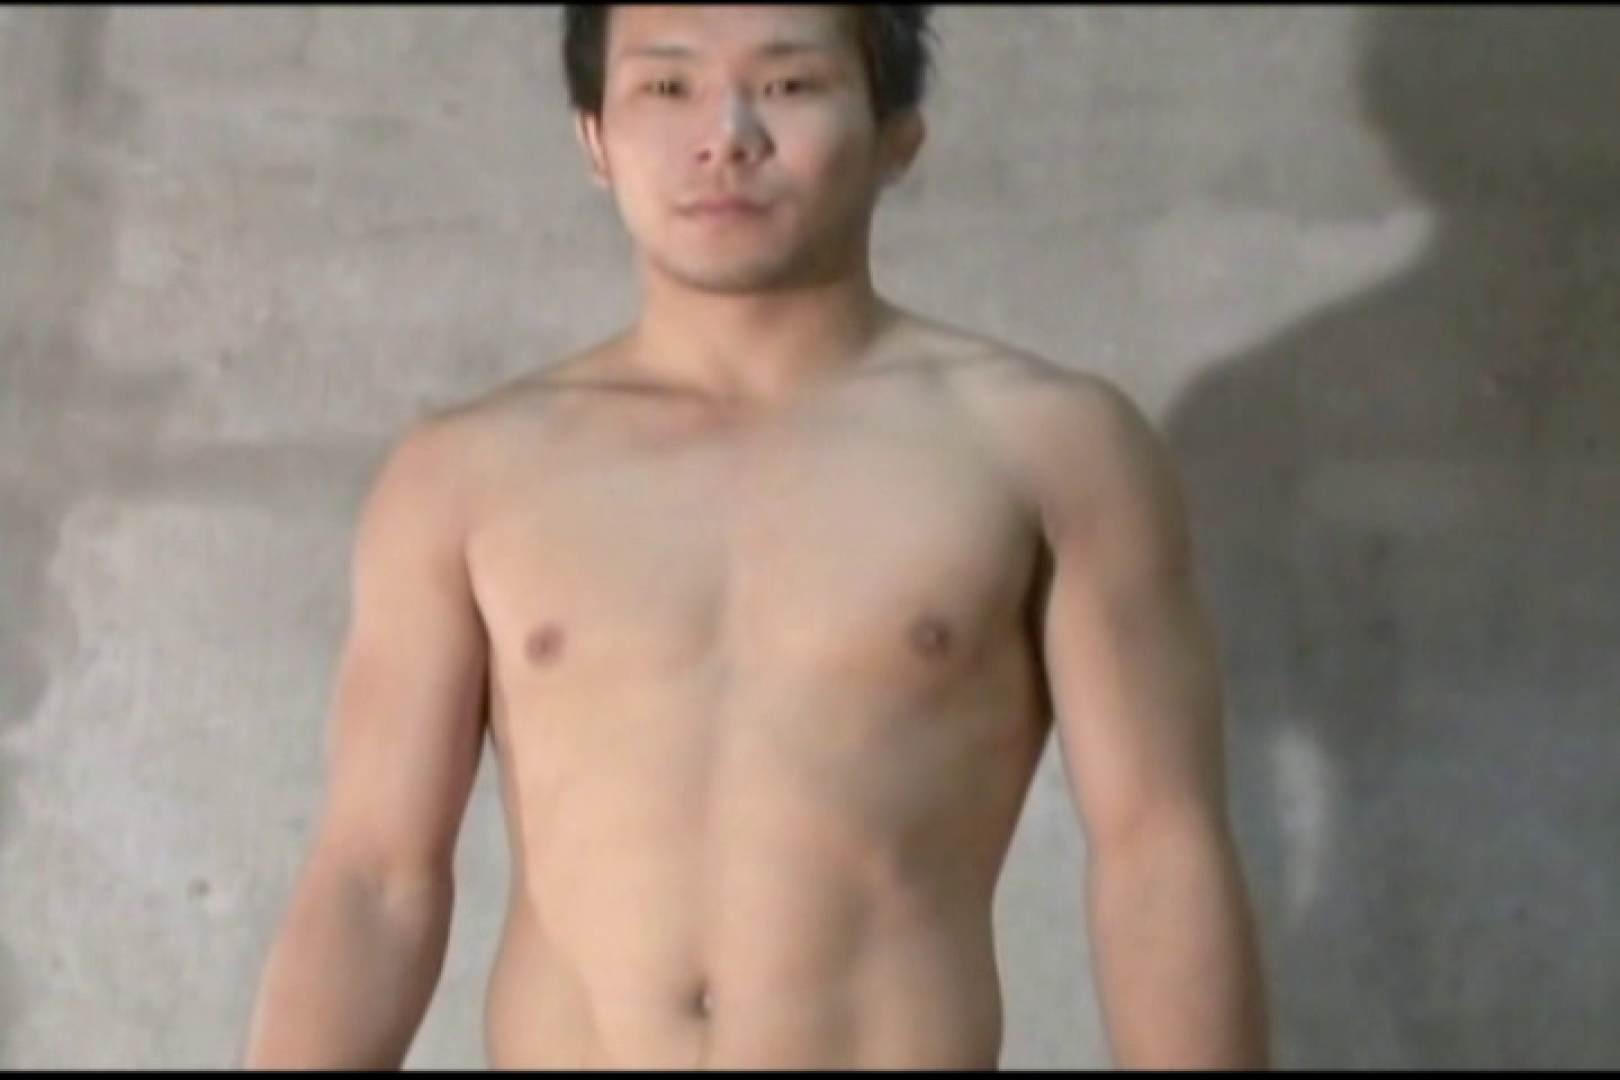 初々しさがたまらない若くてかわいげなのスポーツマン。 スポーツマン | フェラ男子  96連発 31